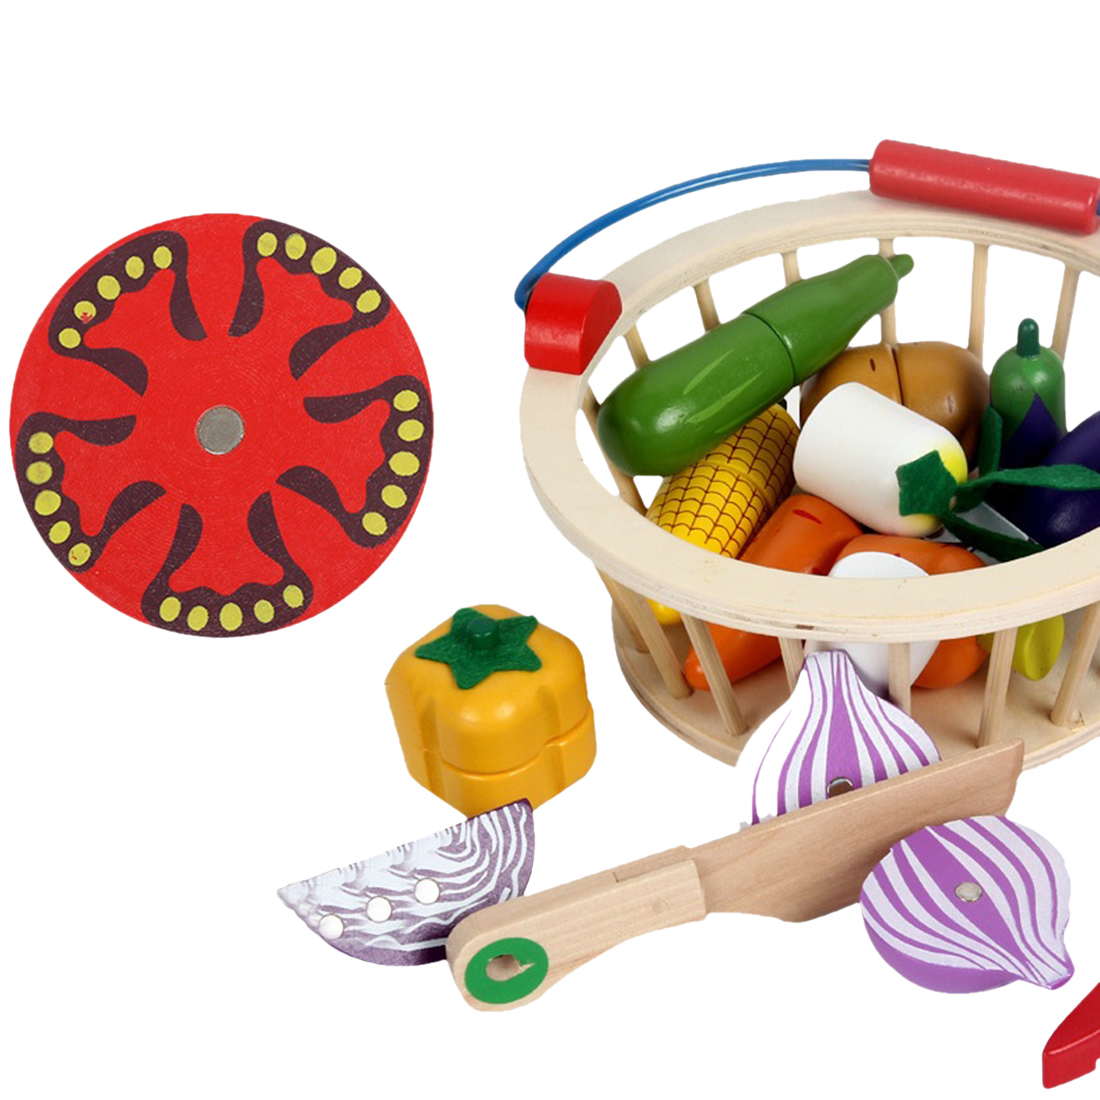 & fingir simulação cesta redonda kits frutas